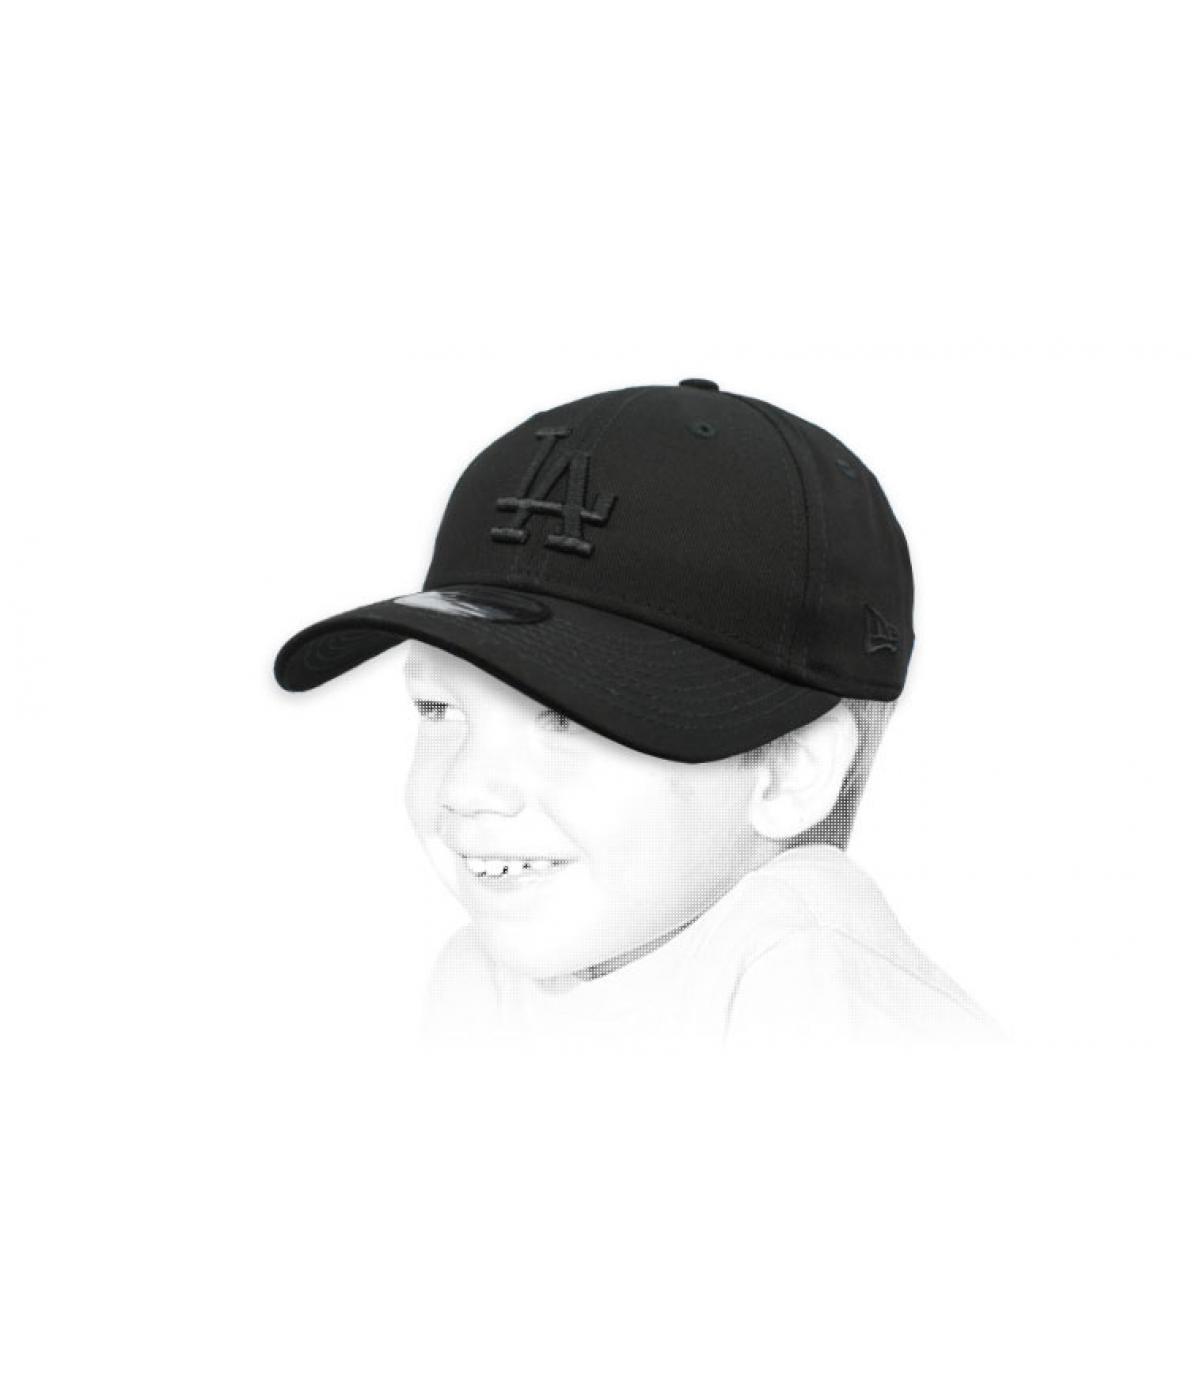 casquette LA enfant noir